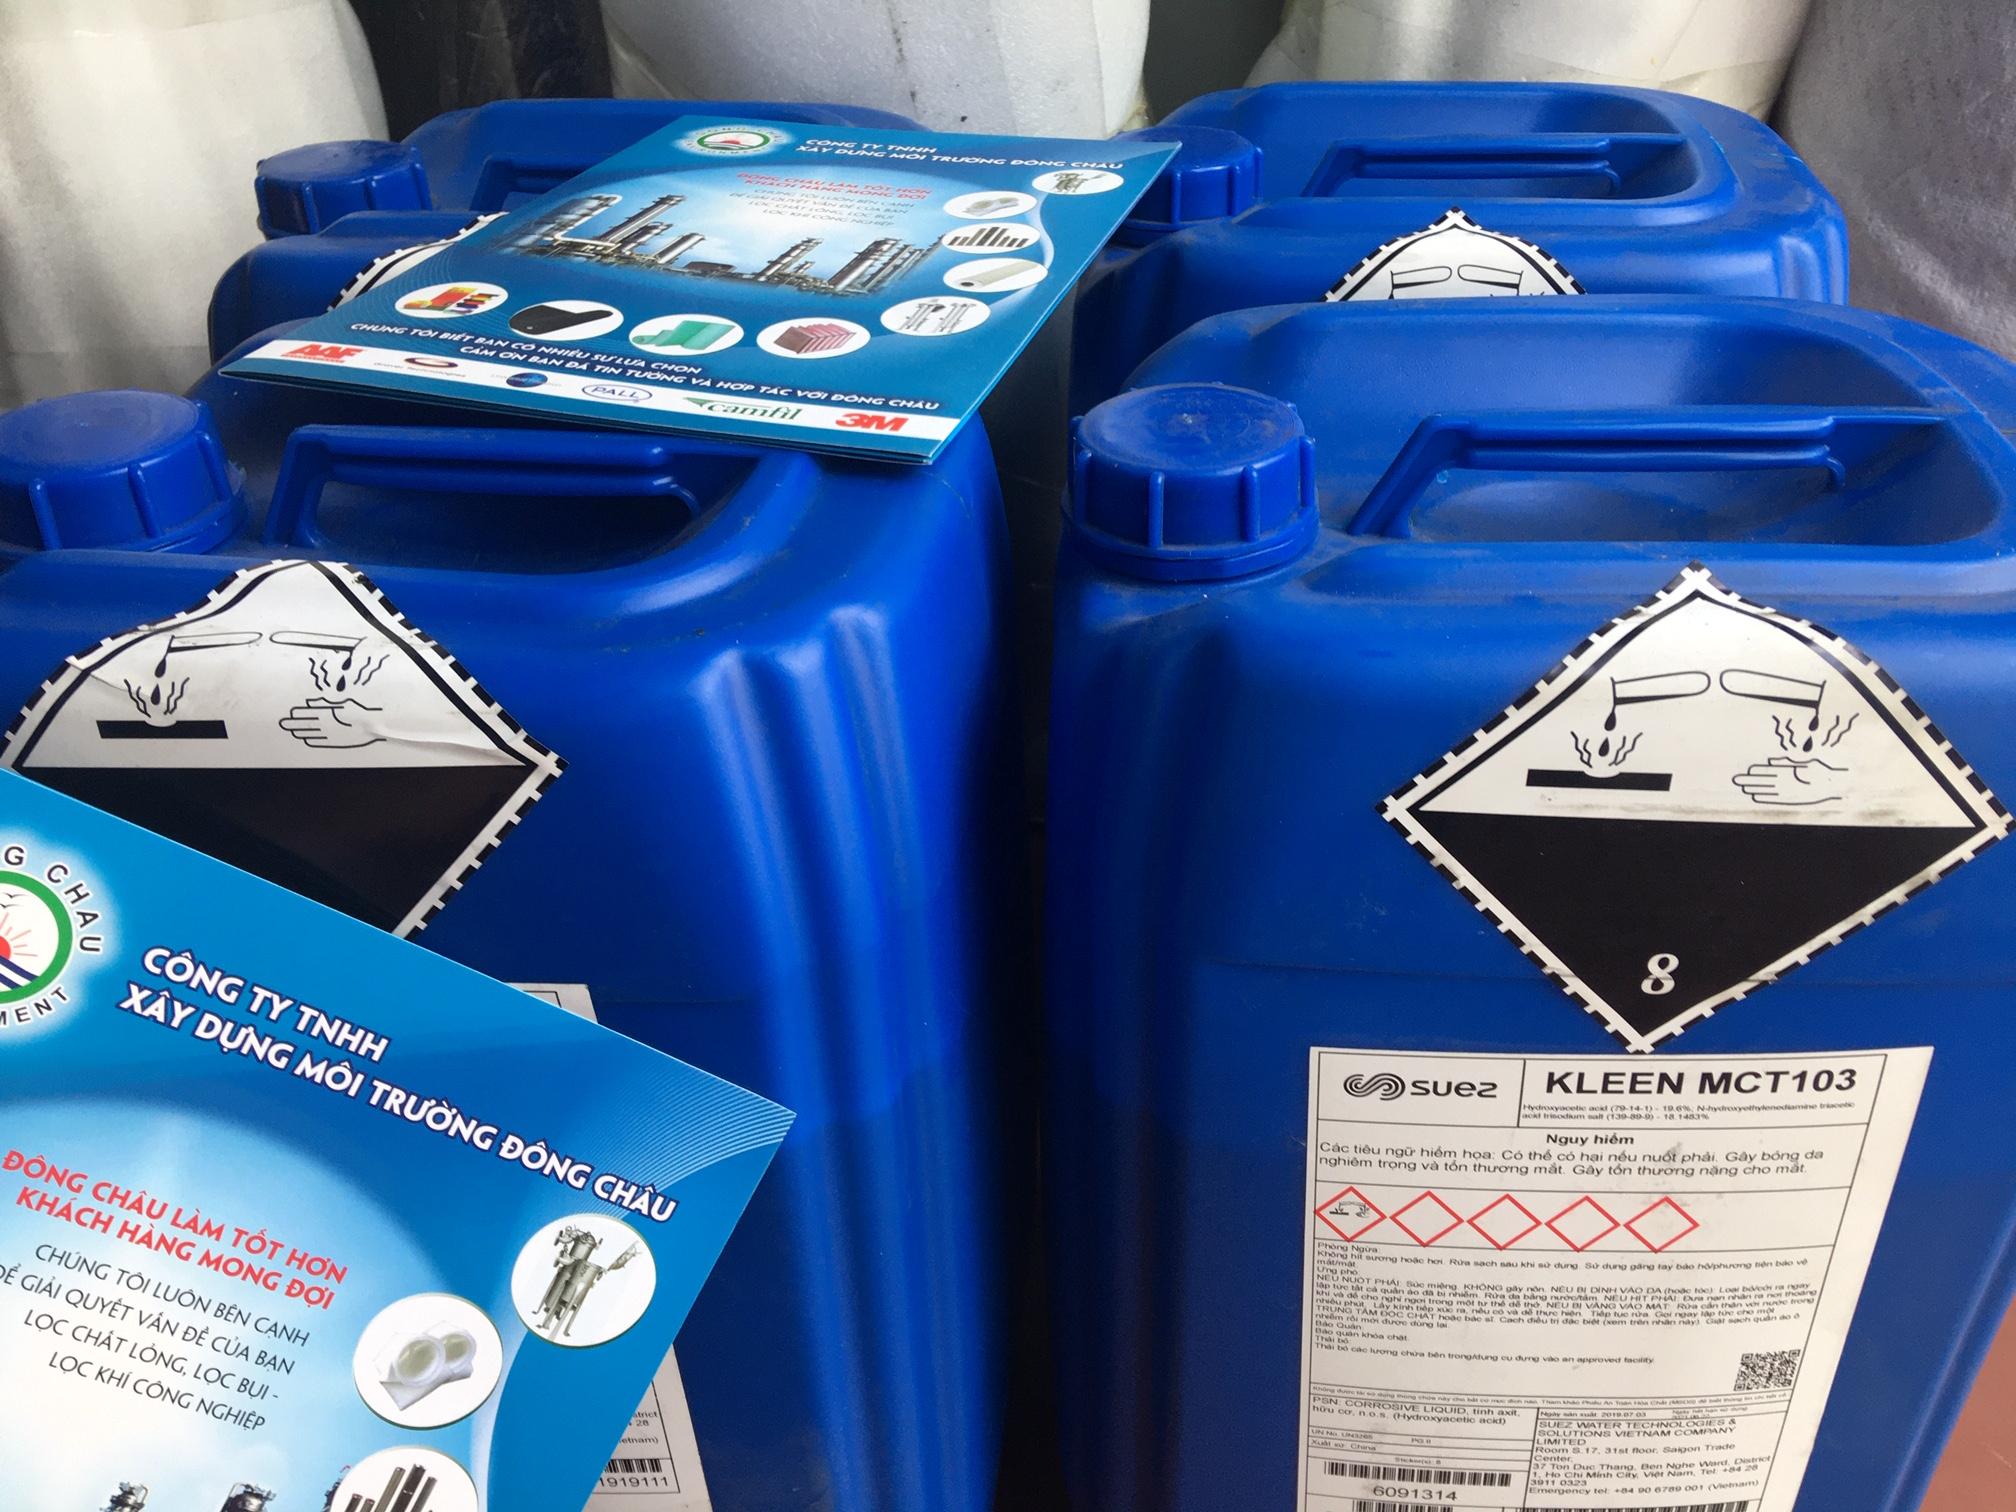 Dung dịch tẩy rửa cáu cặn vô cơ màng RO MCT103